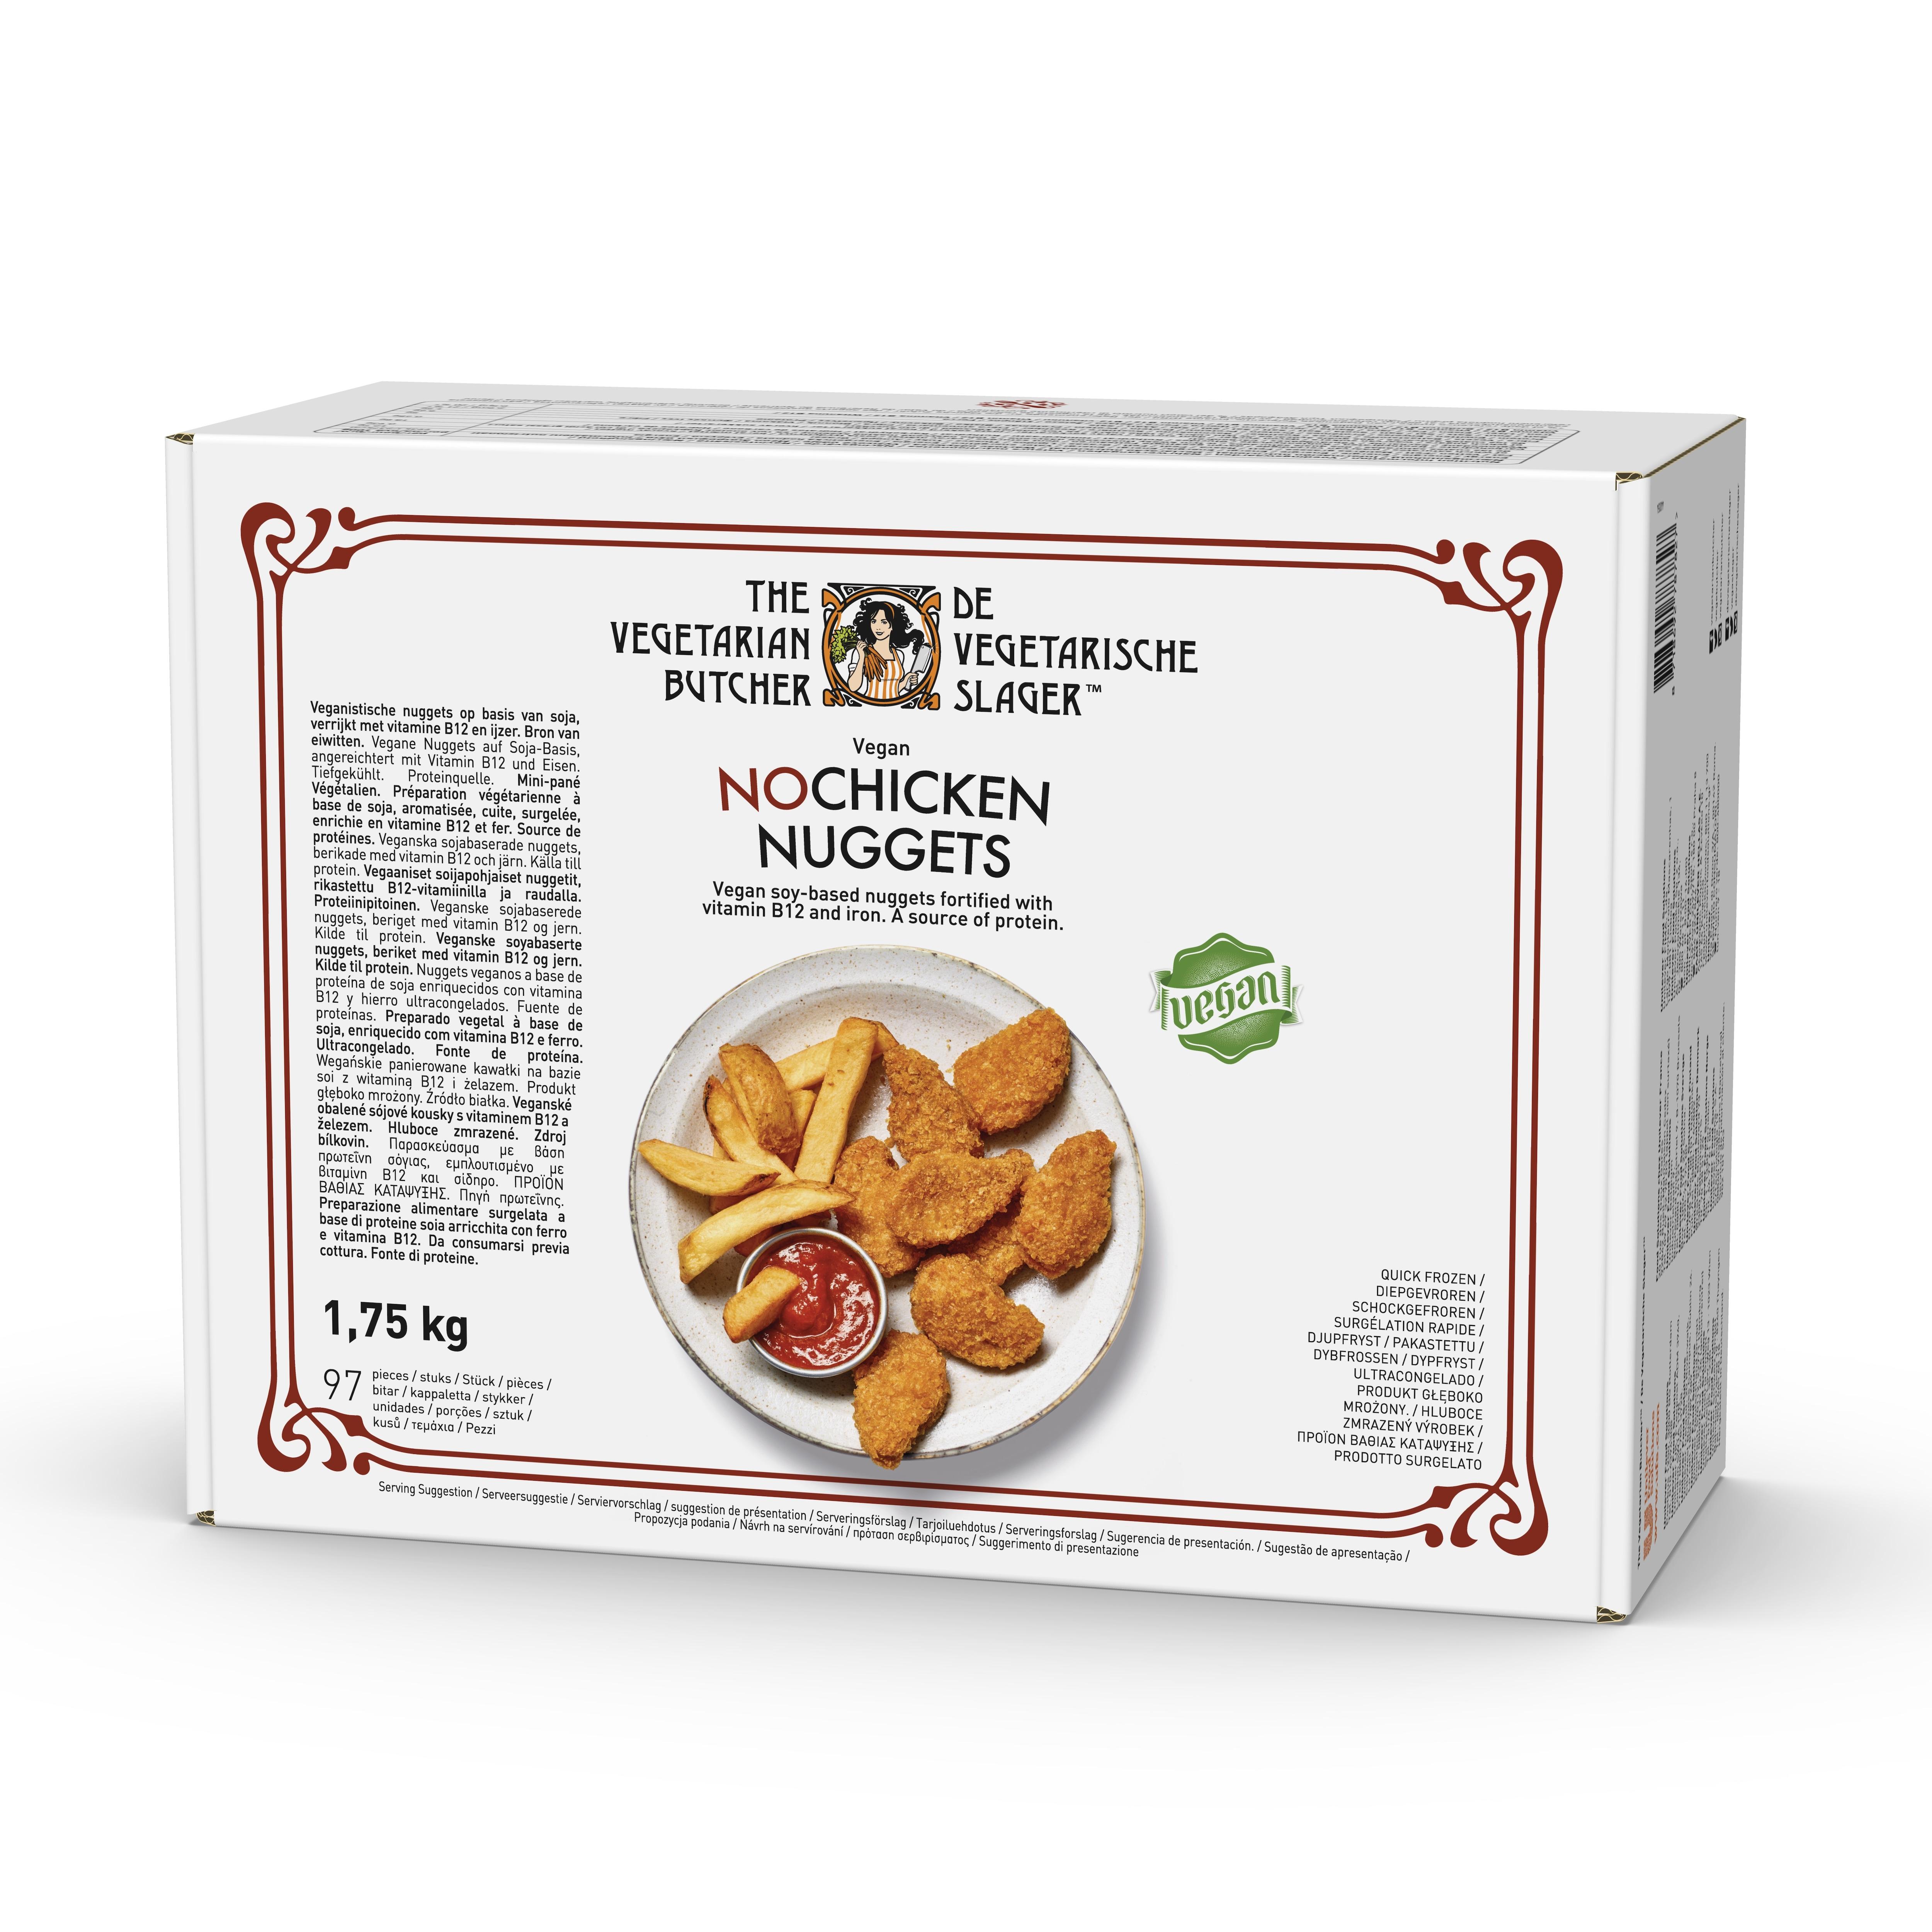 The Vegetarian Butcher NoChicken Nuggets, 1,75 kg - Gør dine foretrukne kødretter tilgængelige for vegetarer eller veganere! Med The Vegetarian Butcher kan du hurtigt og nemt servere klassiske retter men med plantebaseret kød. Takket være vores unikke opskrifter giver vores produkter dig den samme mundfølelse og oplevelse som ved traditionelt kød. Er dybfrosne.